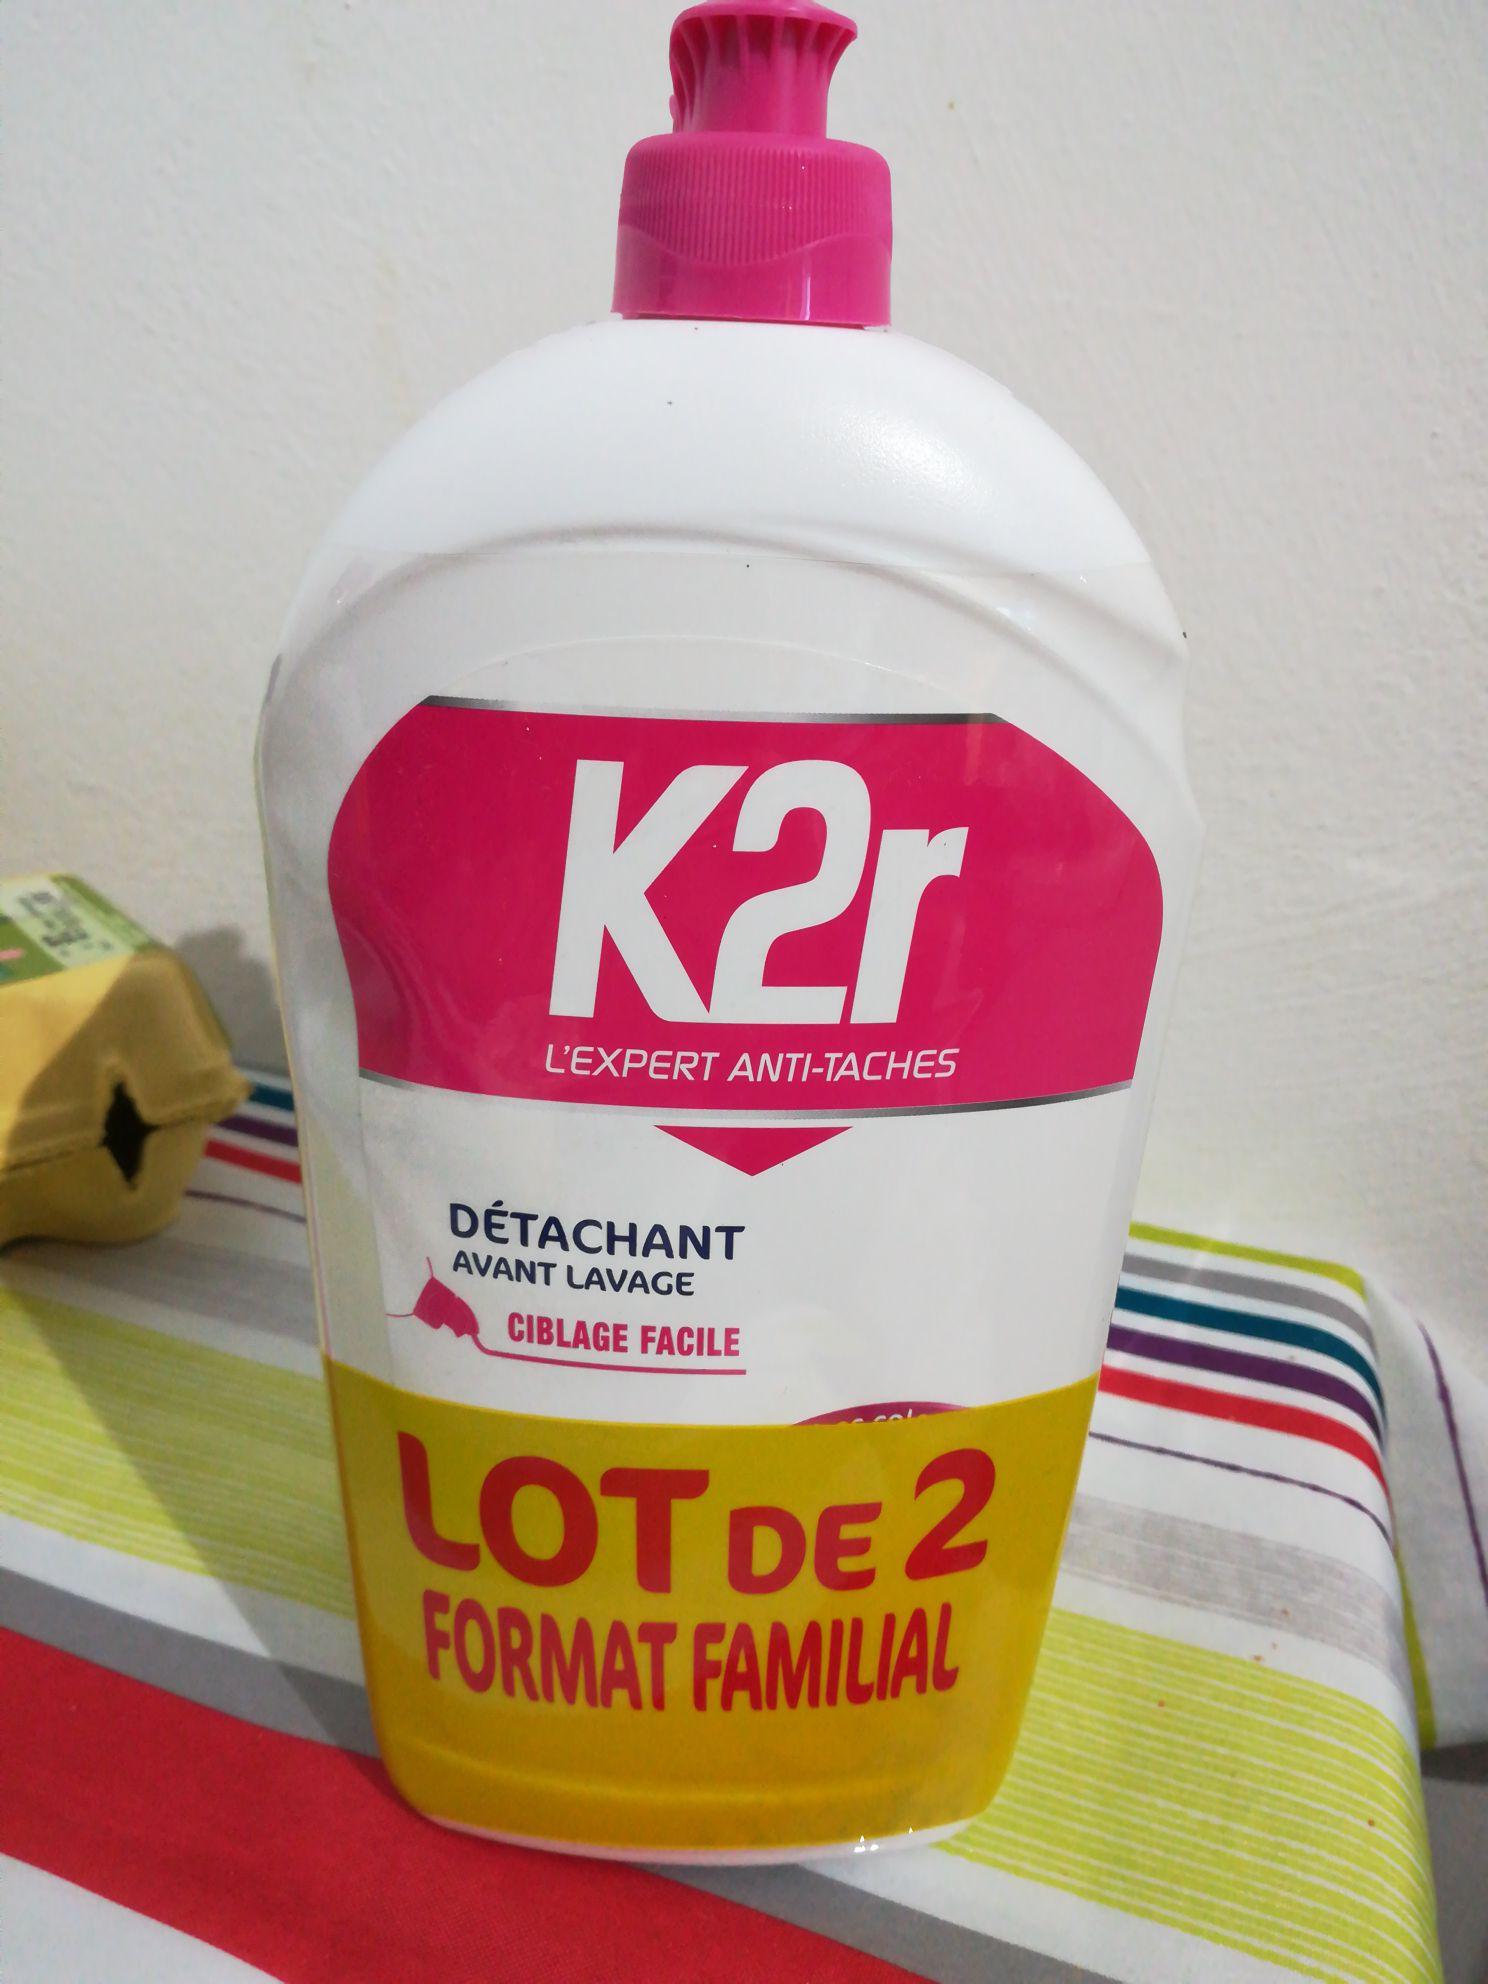 Lot de 2 détachants avant-lavage K2R (2x750 ml) - Cormontreuil (51)